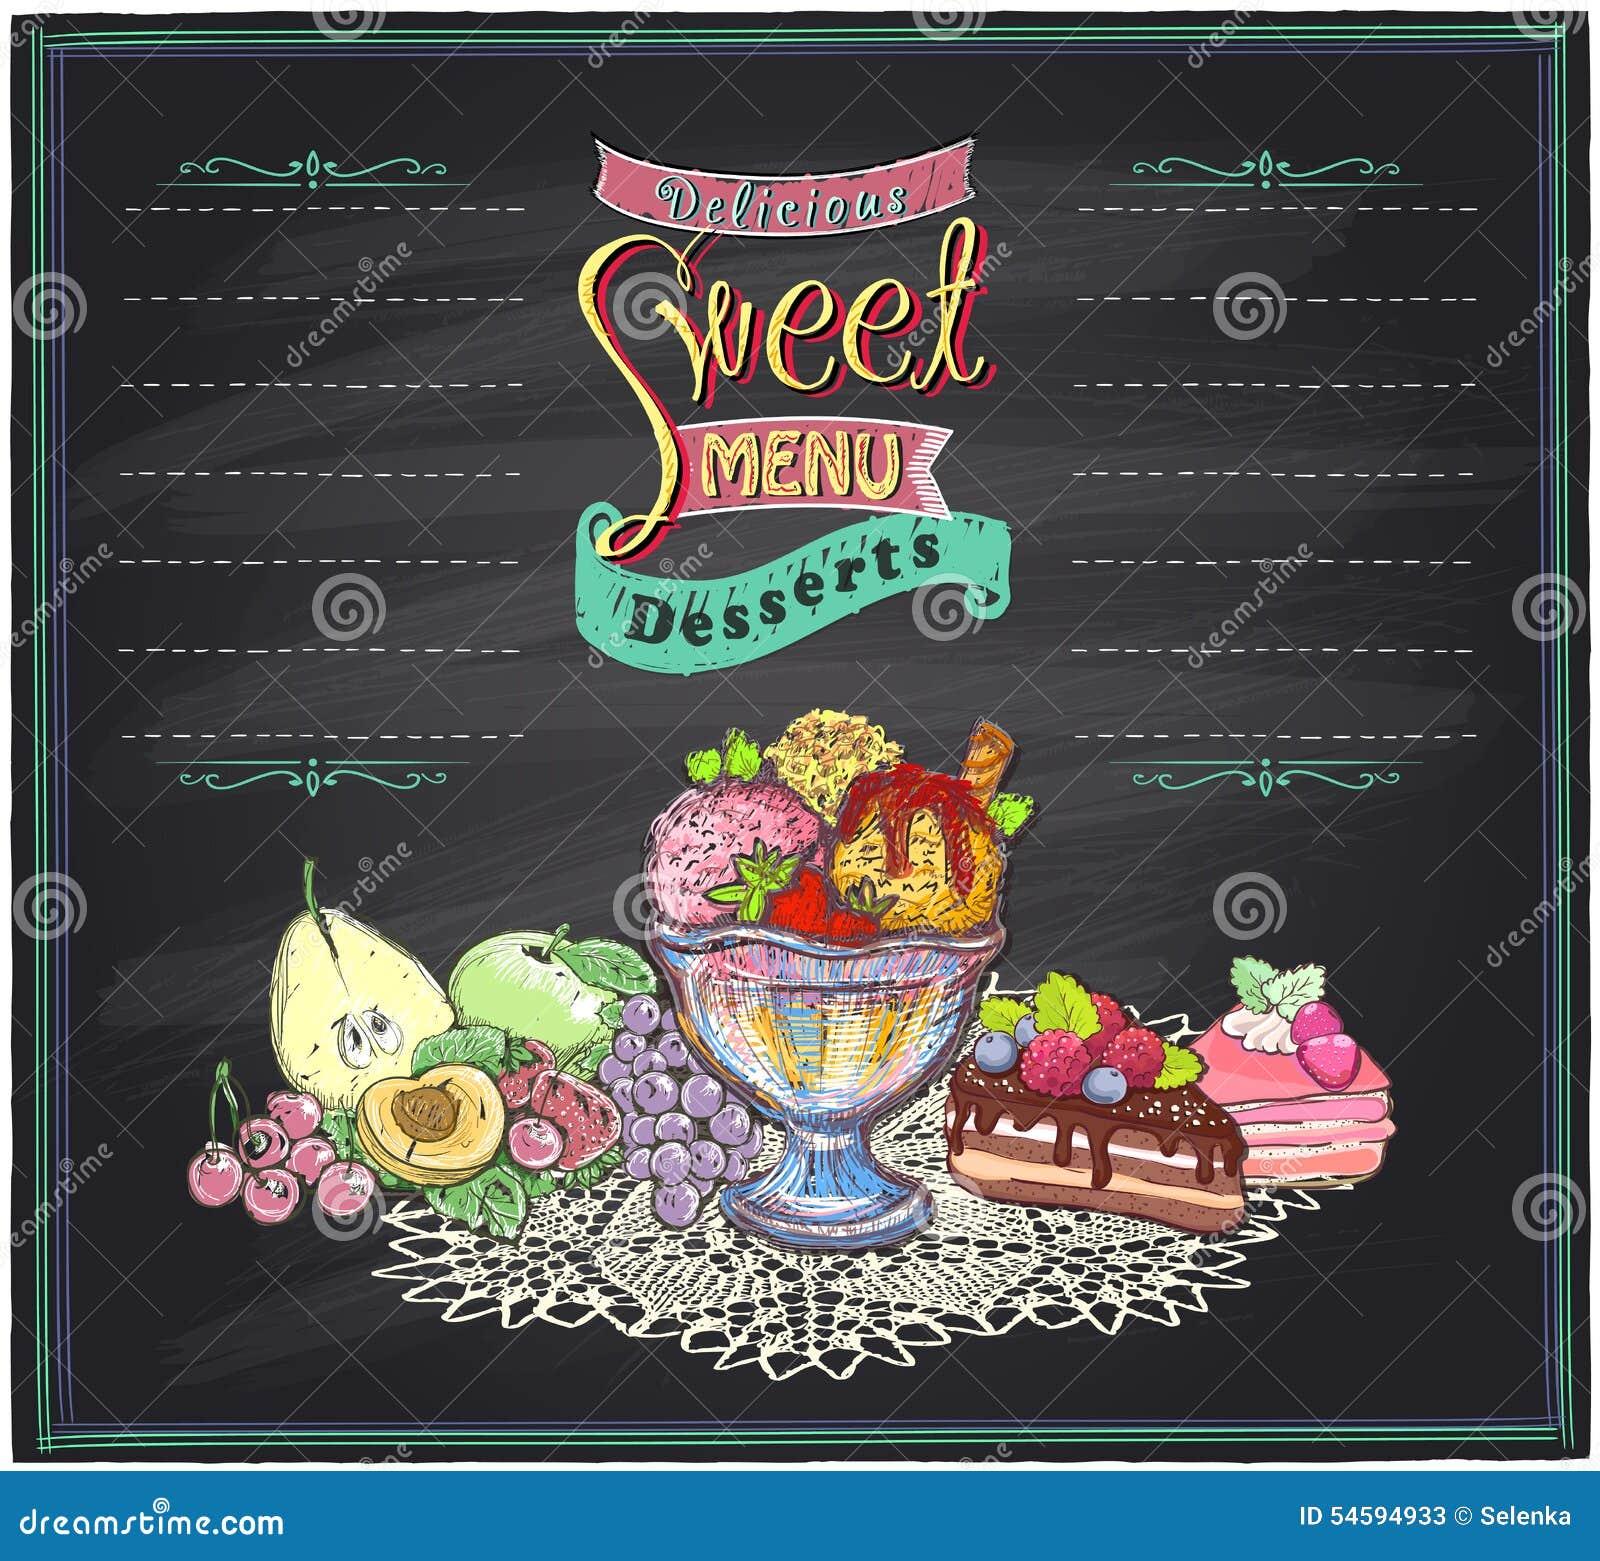 Sweet Menu Royalty-Free Stock Image